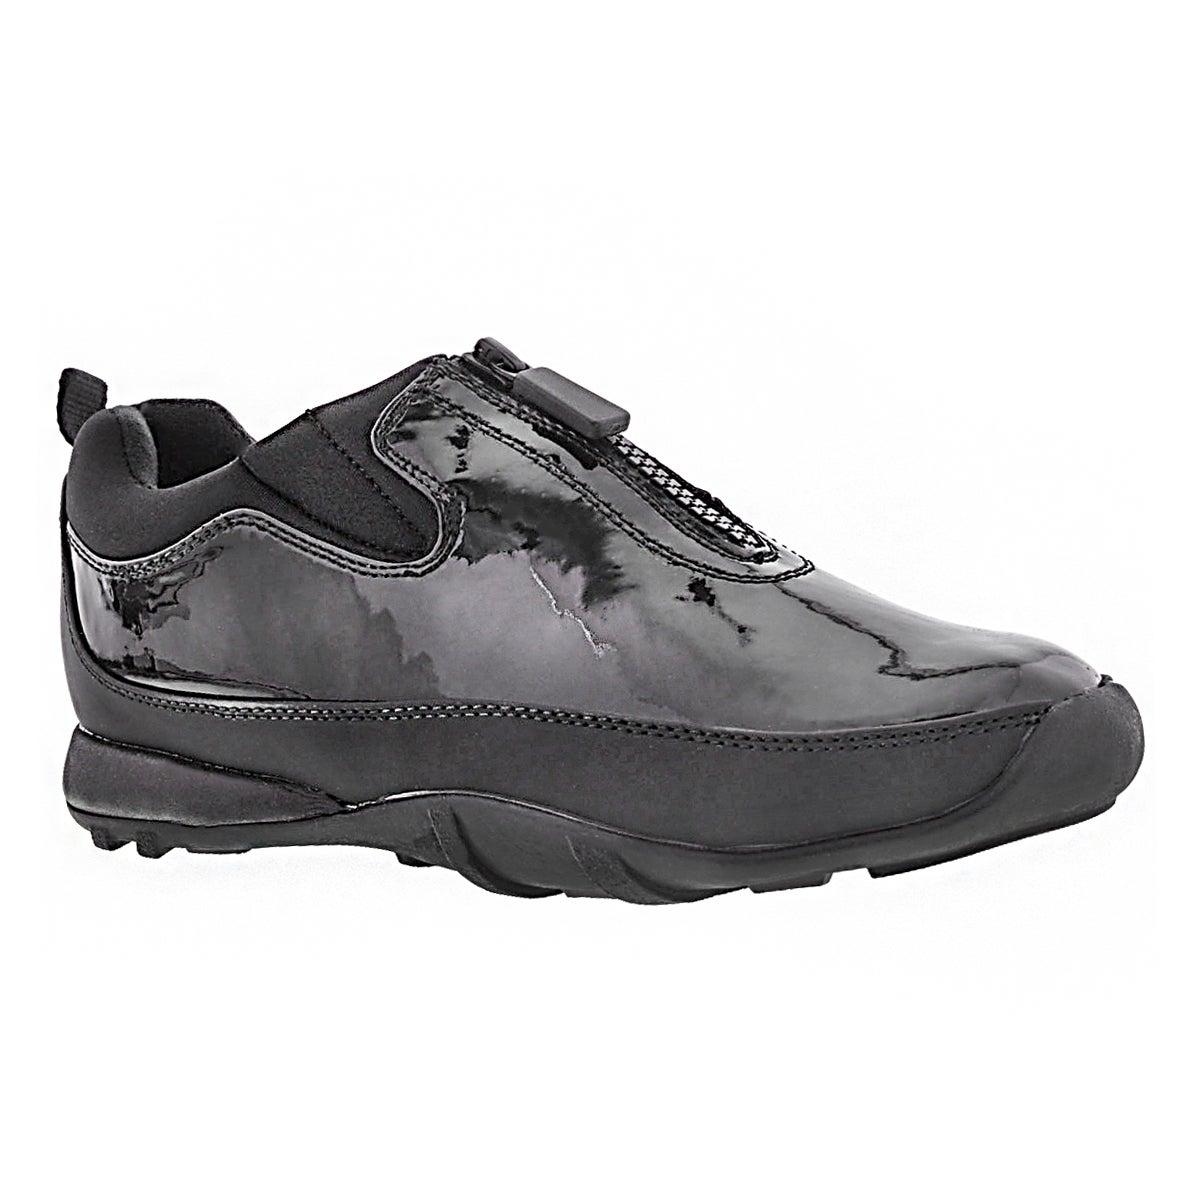 Lds Howdoo blk pat front zip rain shoe